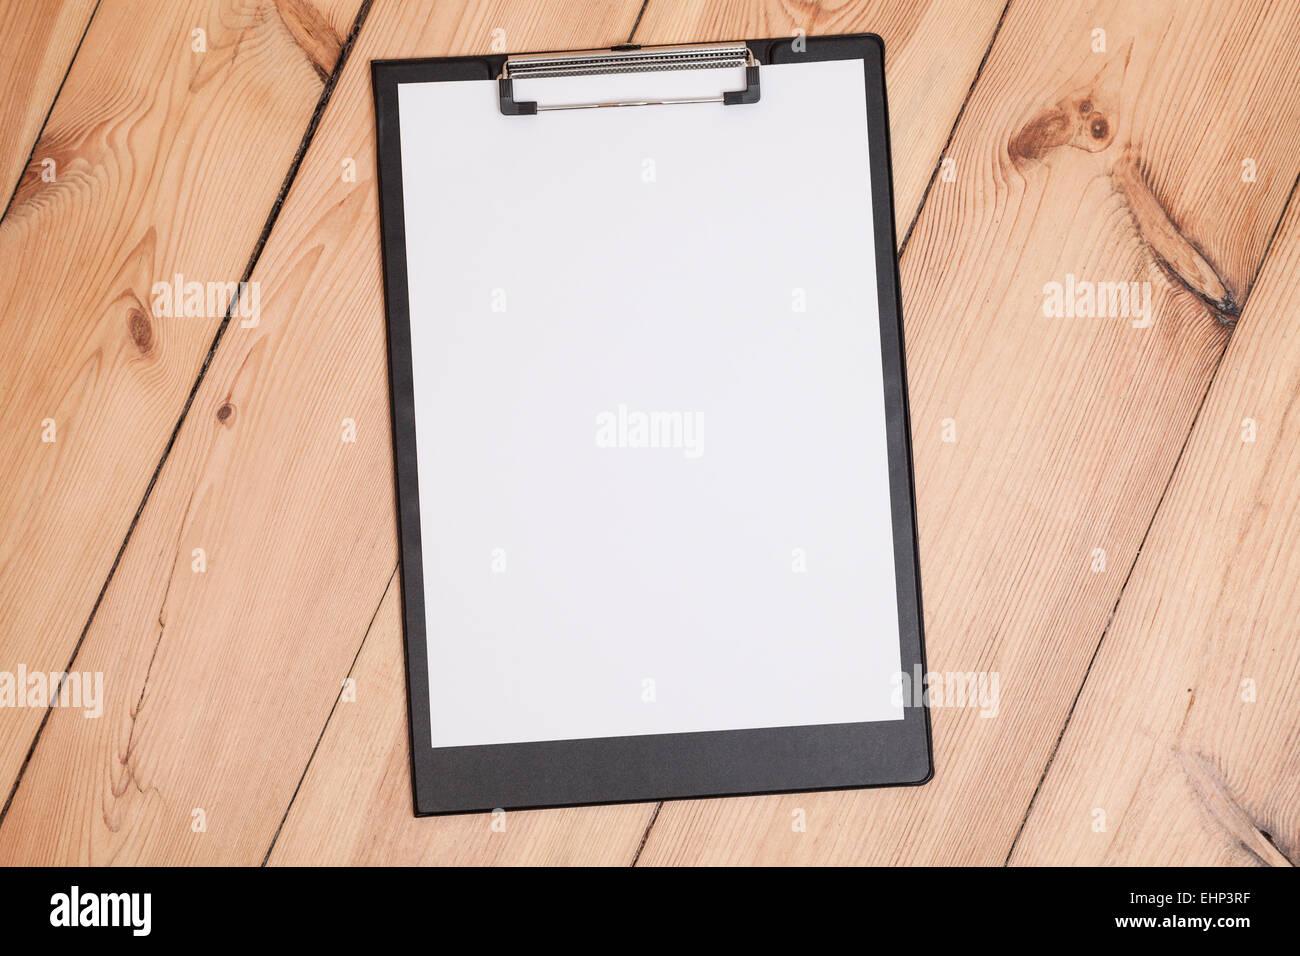 Appunti con foglio bianco sul pavimento in legno Immagini Stock